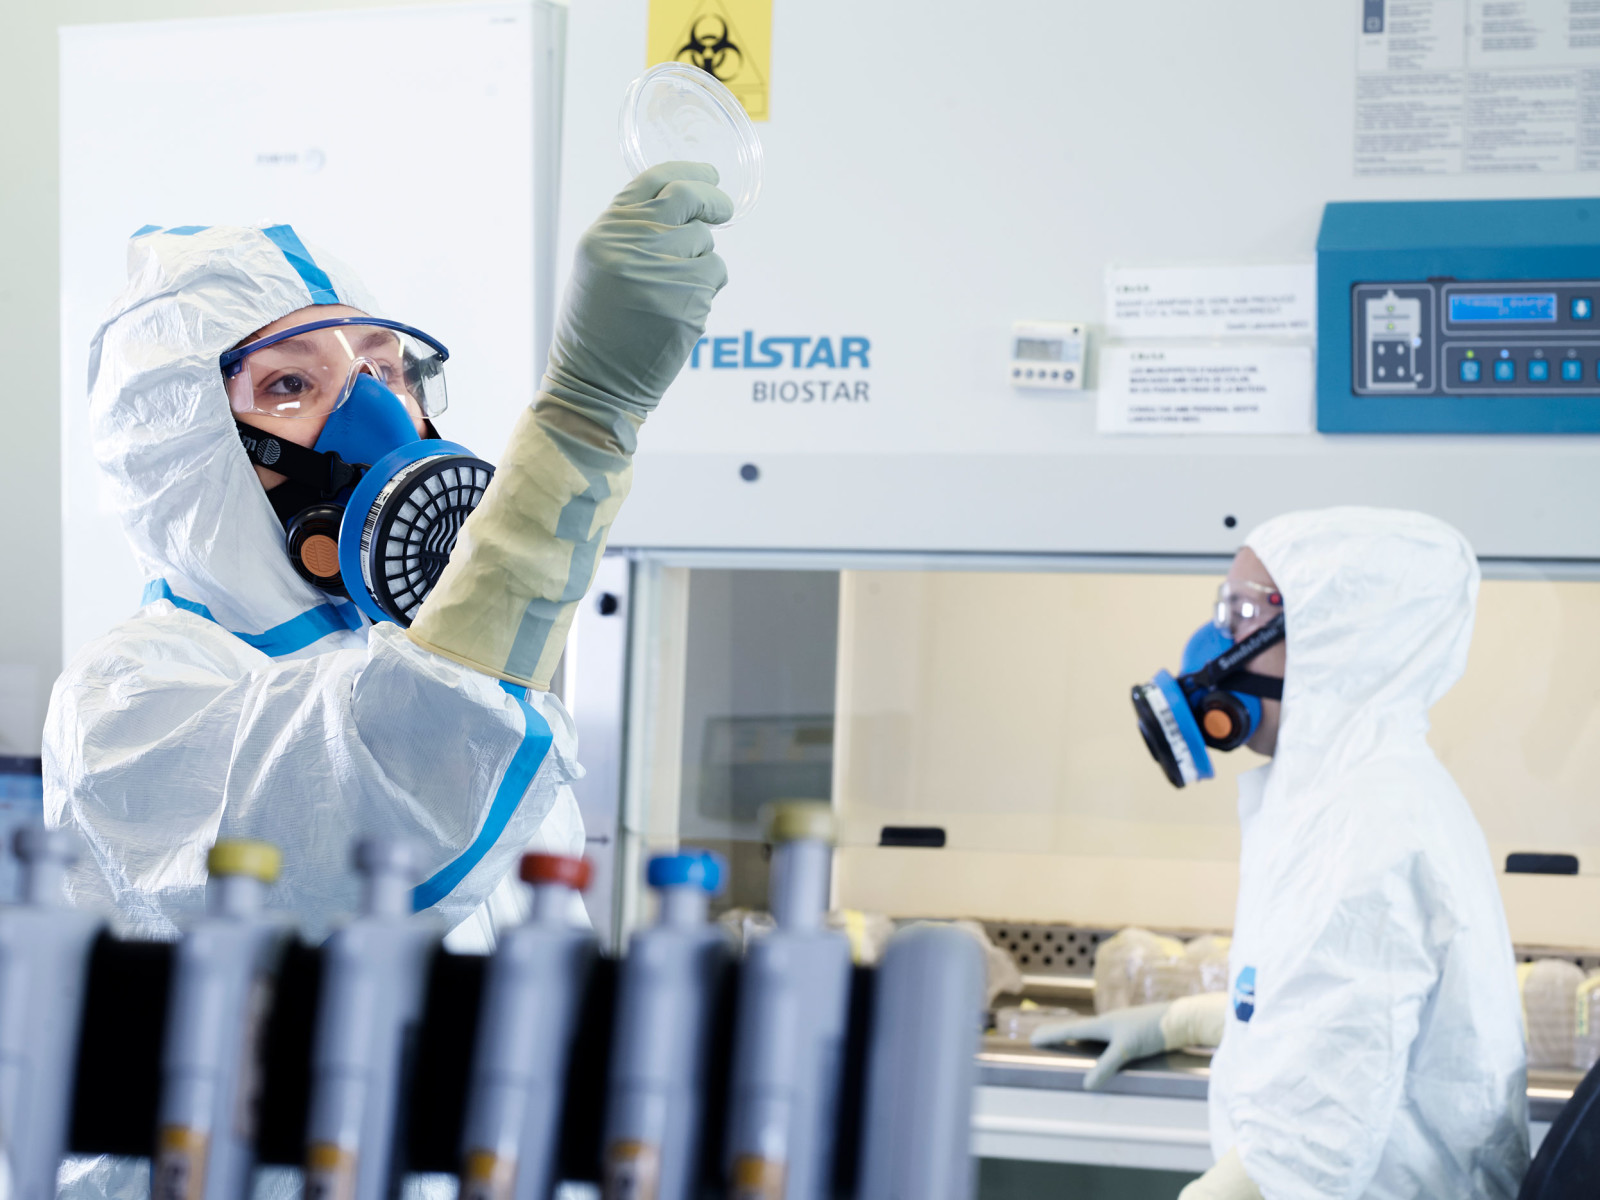 El personal tècnic rep una formació específica per treballar a la Unitat de Biocontenció.